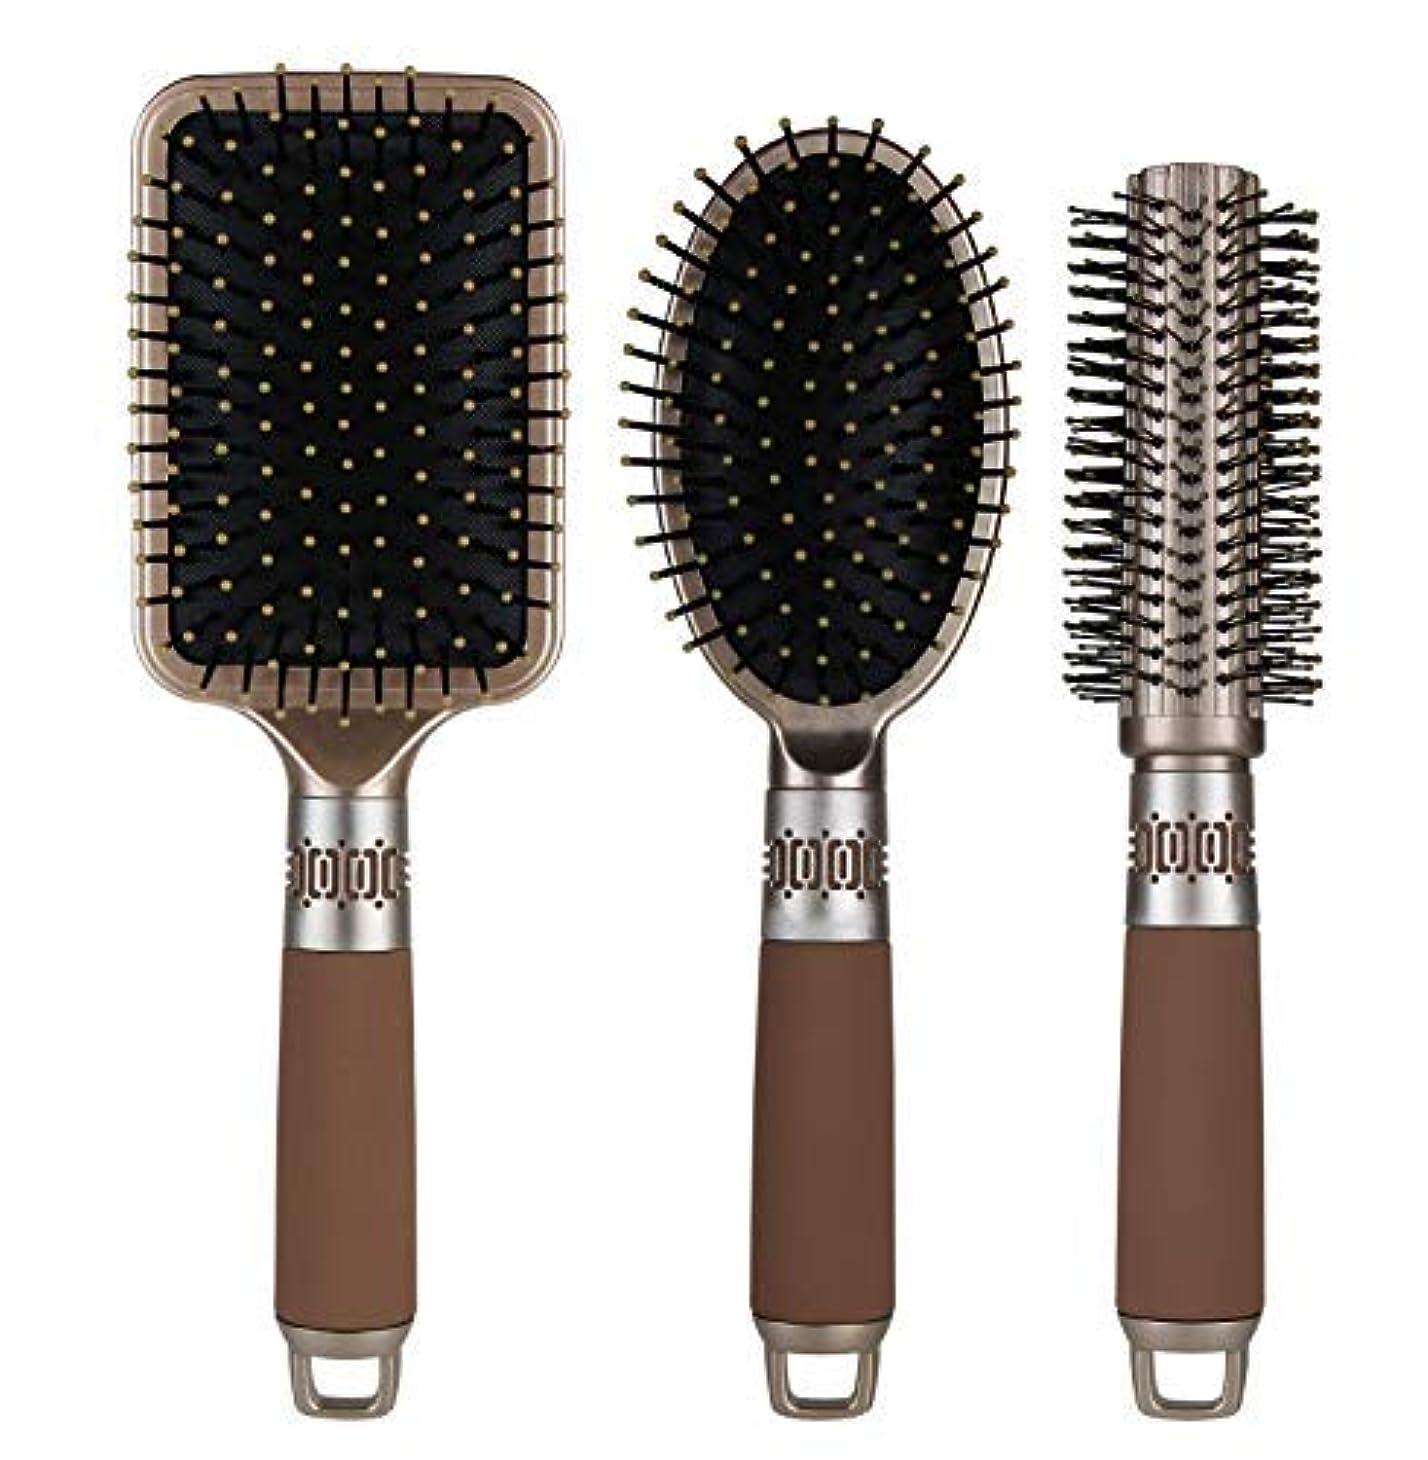 細胞免疫する強化するNVTED 3PCS Hair Combs, Massage Paddle Round Brush Hair Brushes Set Anti Static Detangling Air Cushion Bristle...